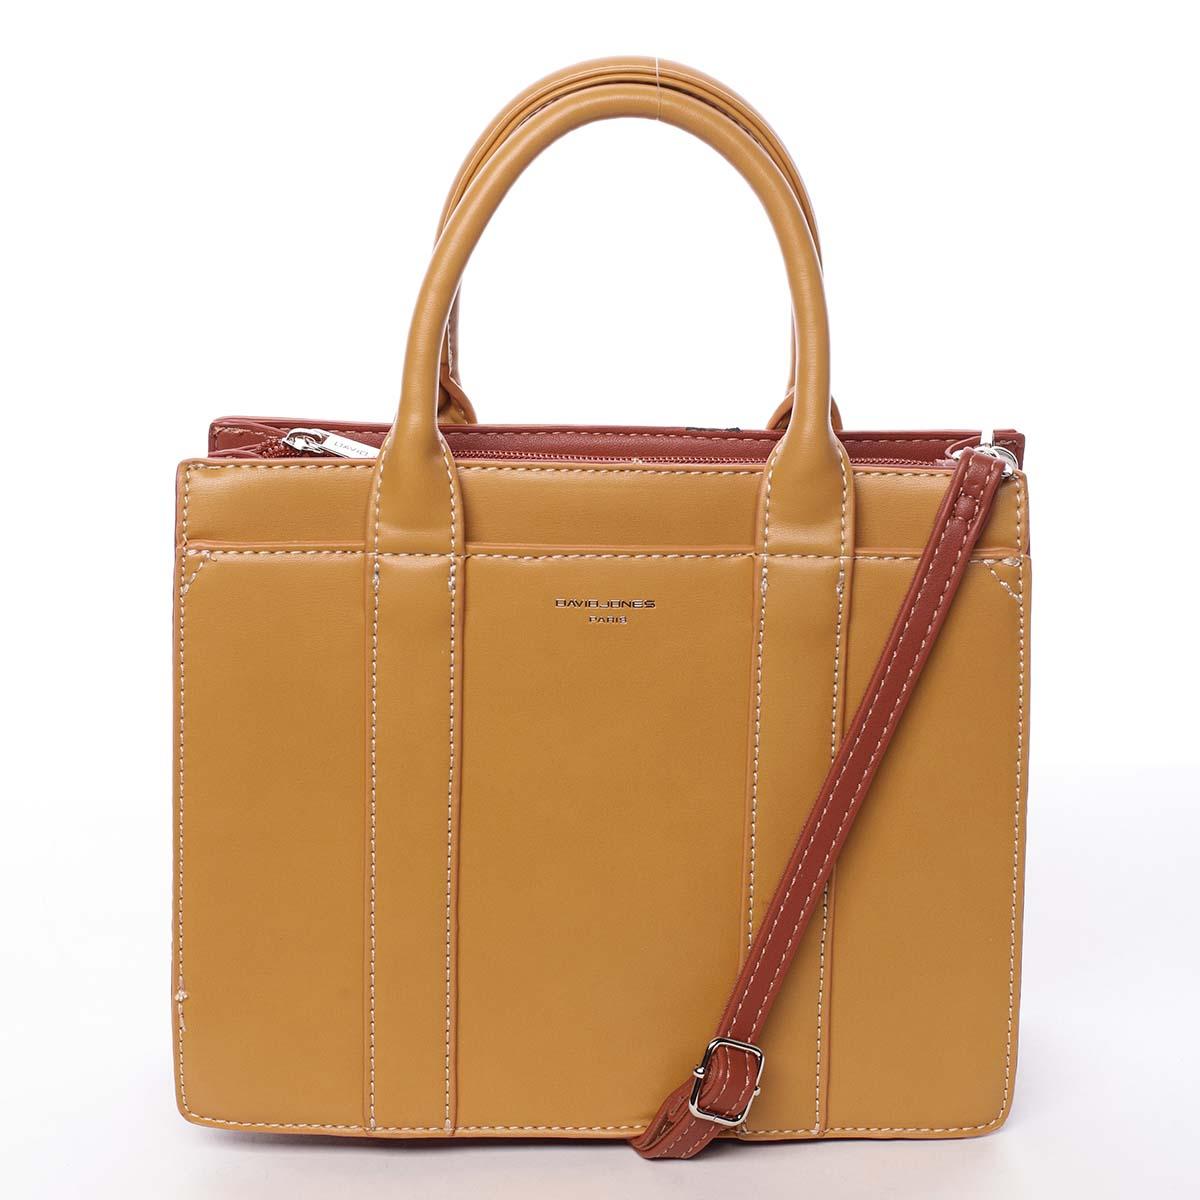 Malá dámská kabelka do ruky žlutá - David Jones Akiba